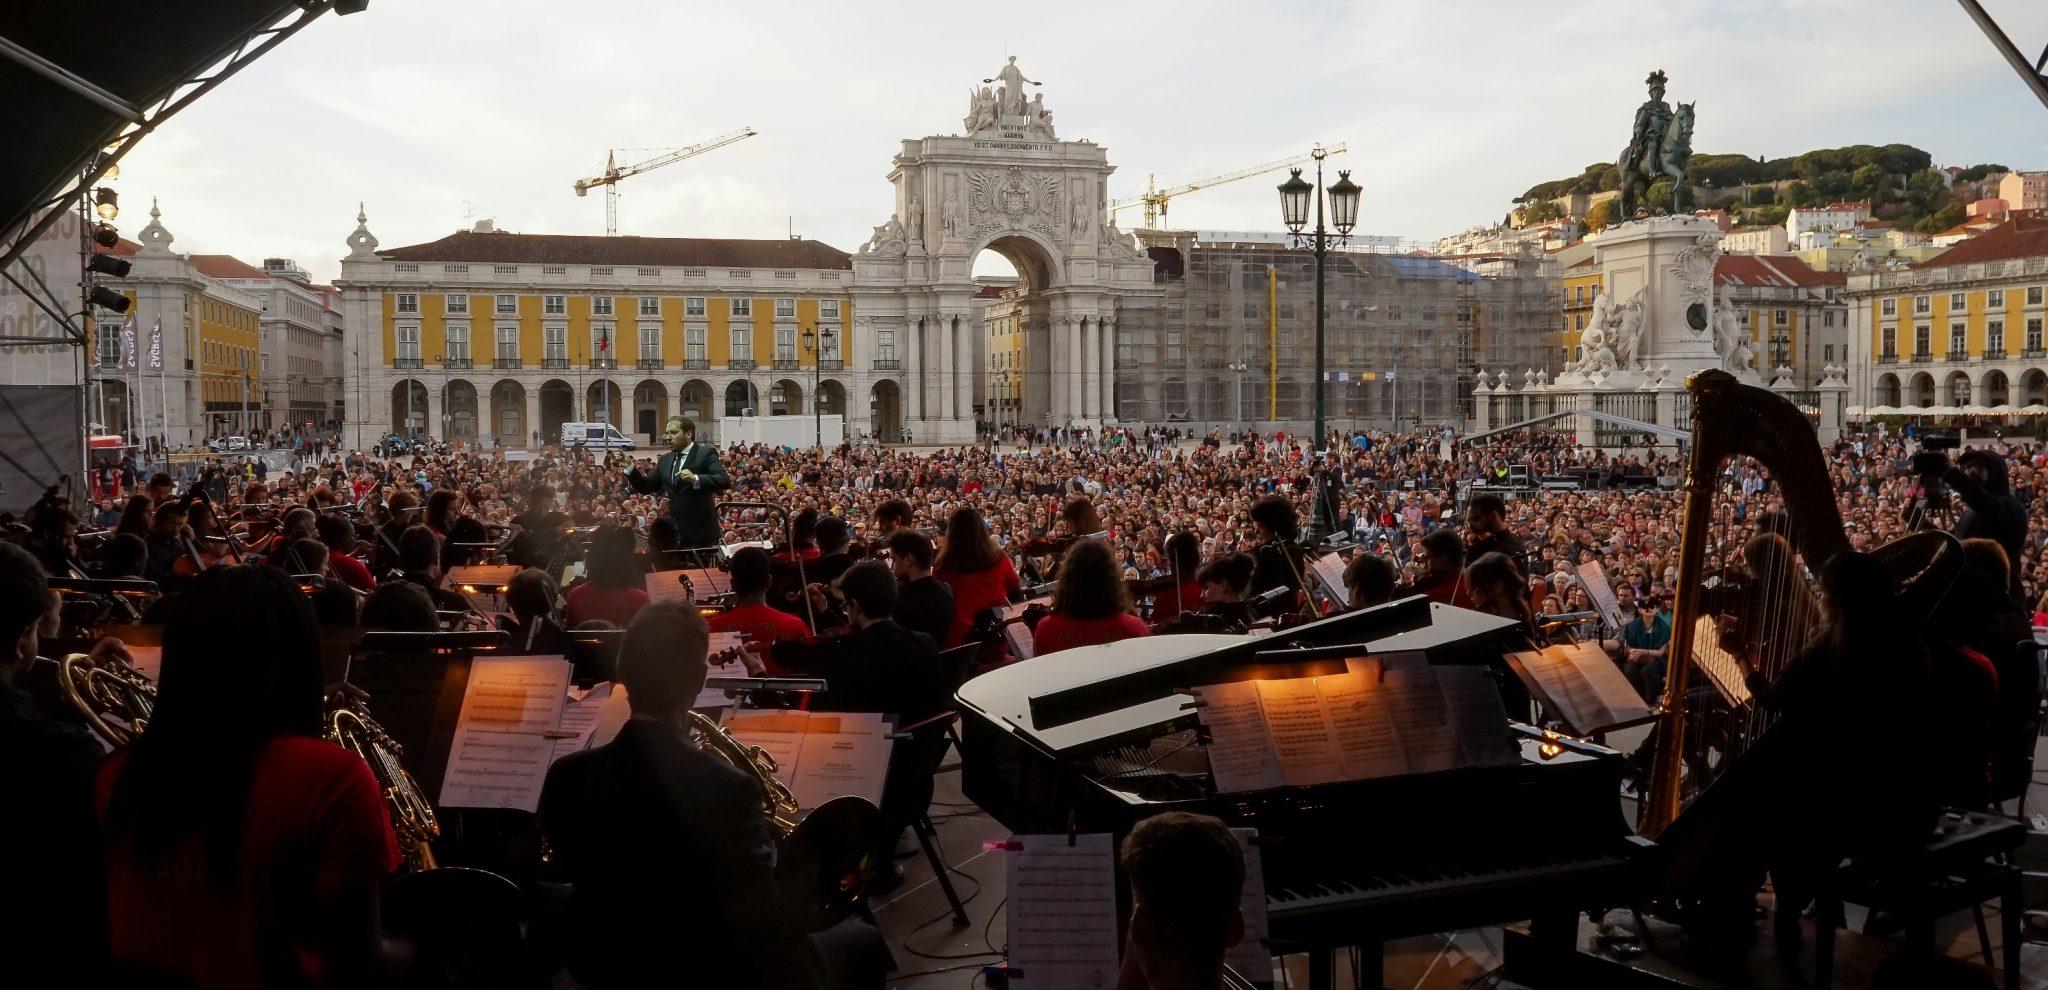 Vista do palco para a plateia. Em primeir plano, um piano, uma harpa e vários músicos. Em segundo plano, a plateia e o cenário da Praça do Comércio com a estátua D. José e o Arco da Rua Augusta